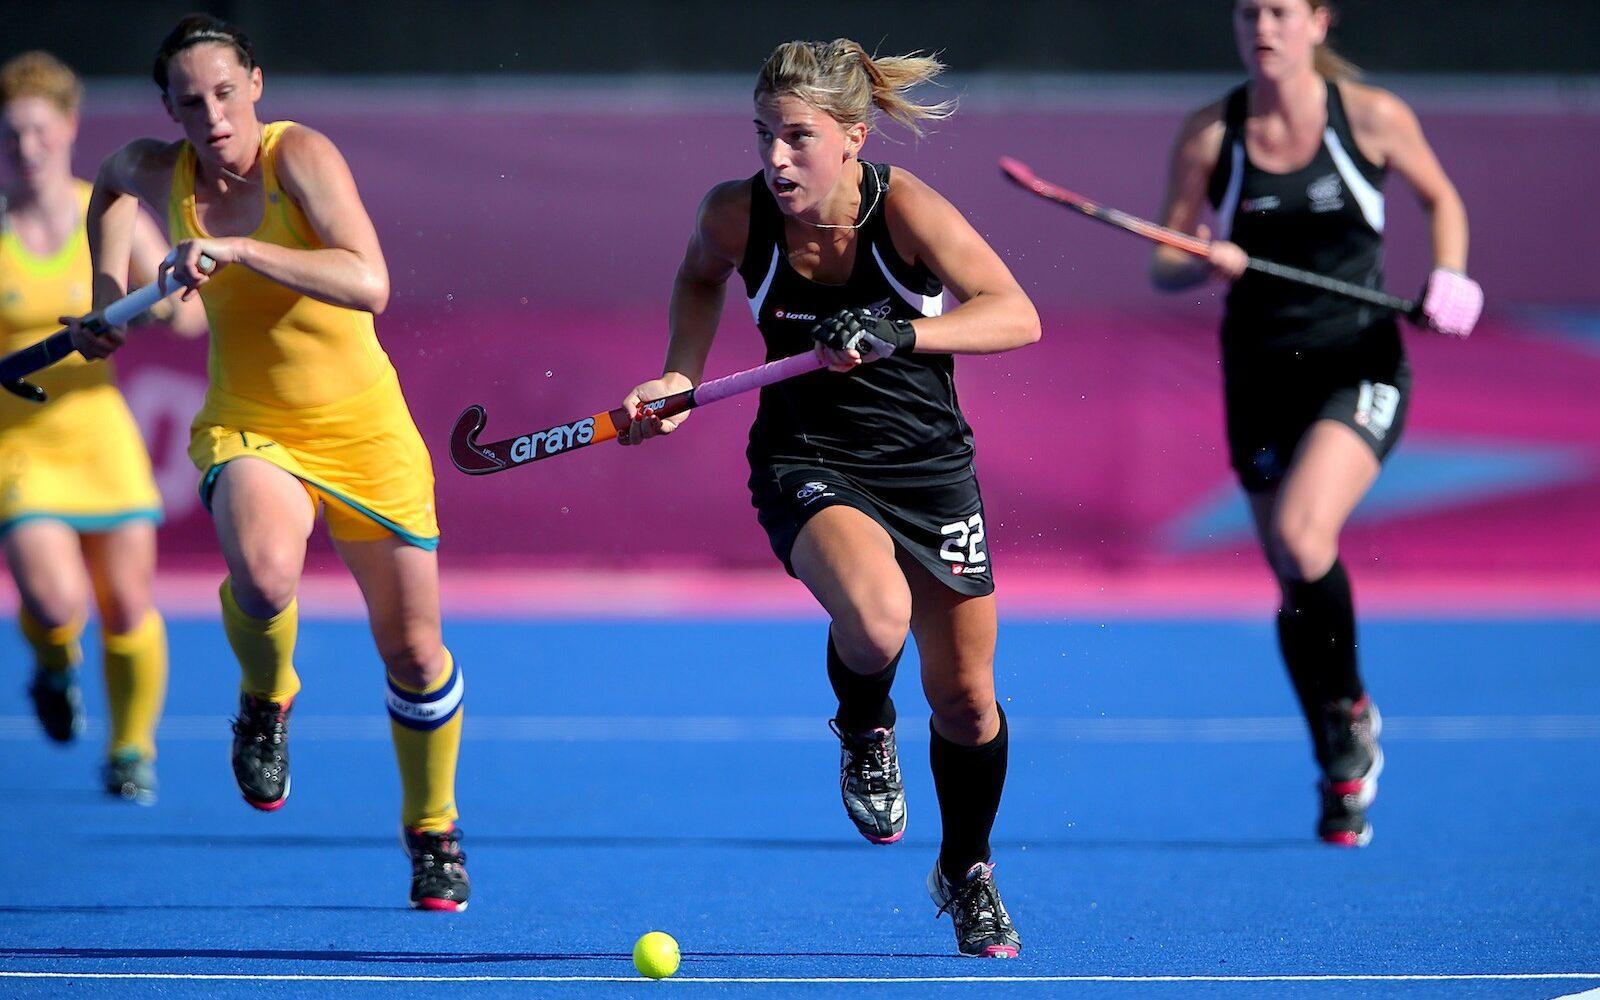 London Olympics - Women's Hockey, New Zealand v Australia